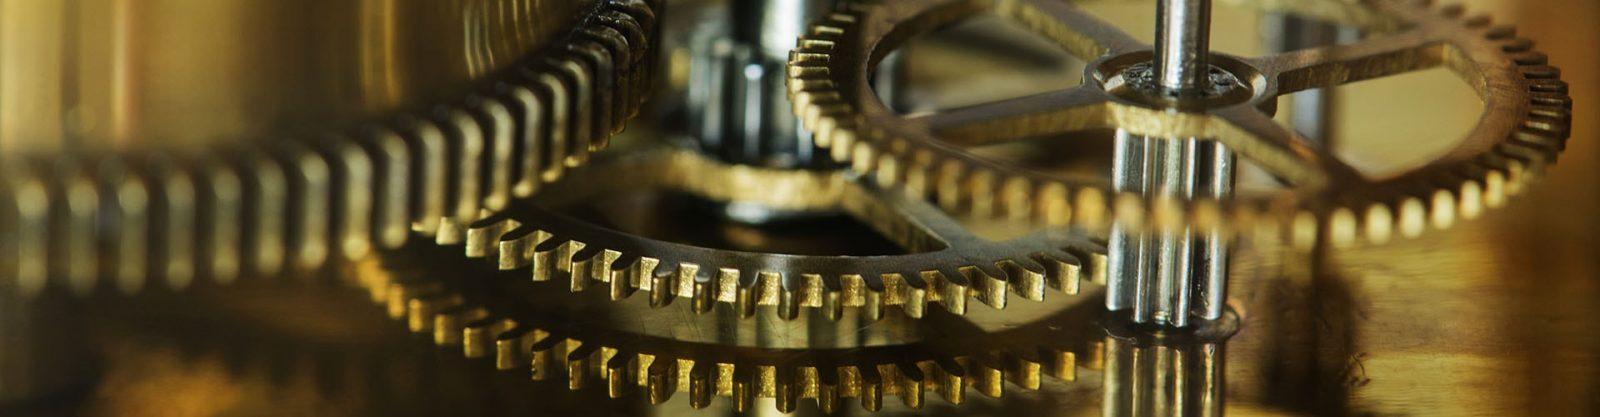 [Resim: makine-bakimci-mesleki-yeterlilik-belgesi.jpg]